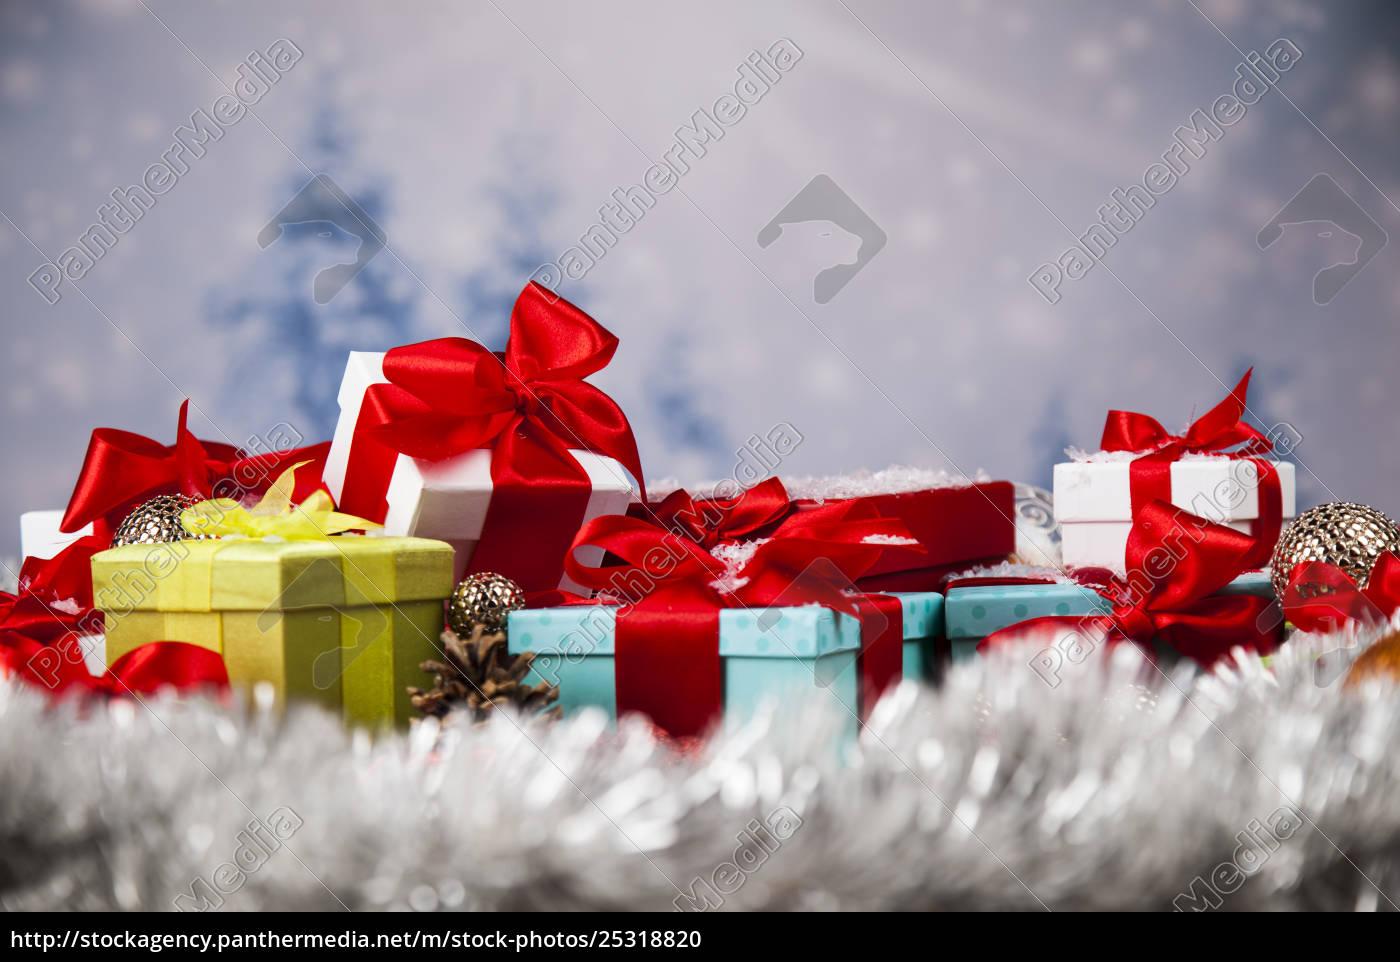 christmas, gift, box, and, balls, on - 25318820